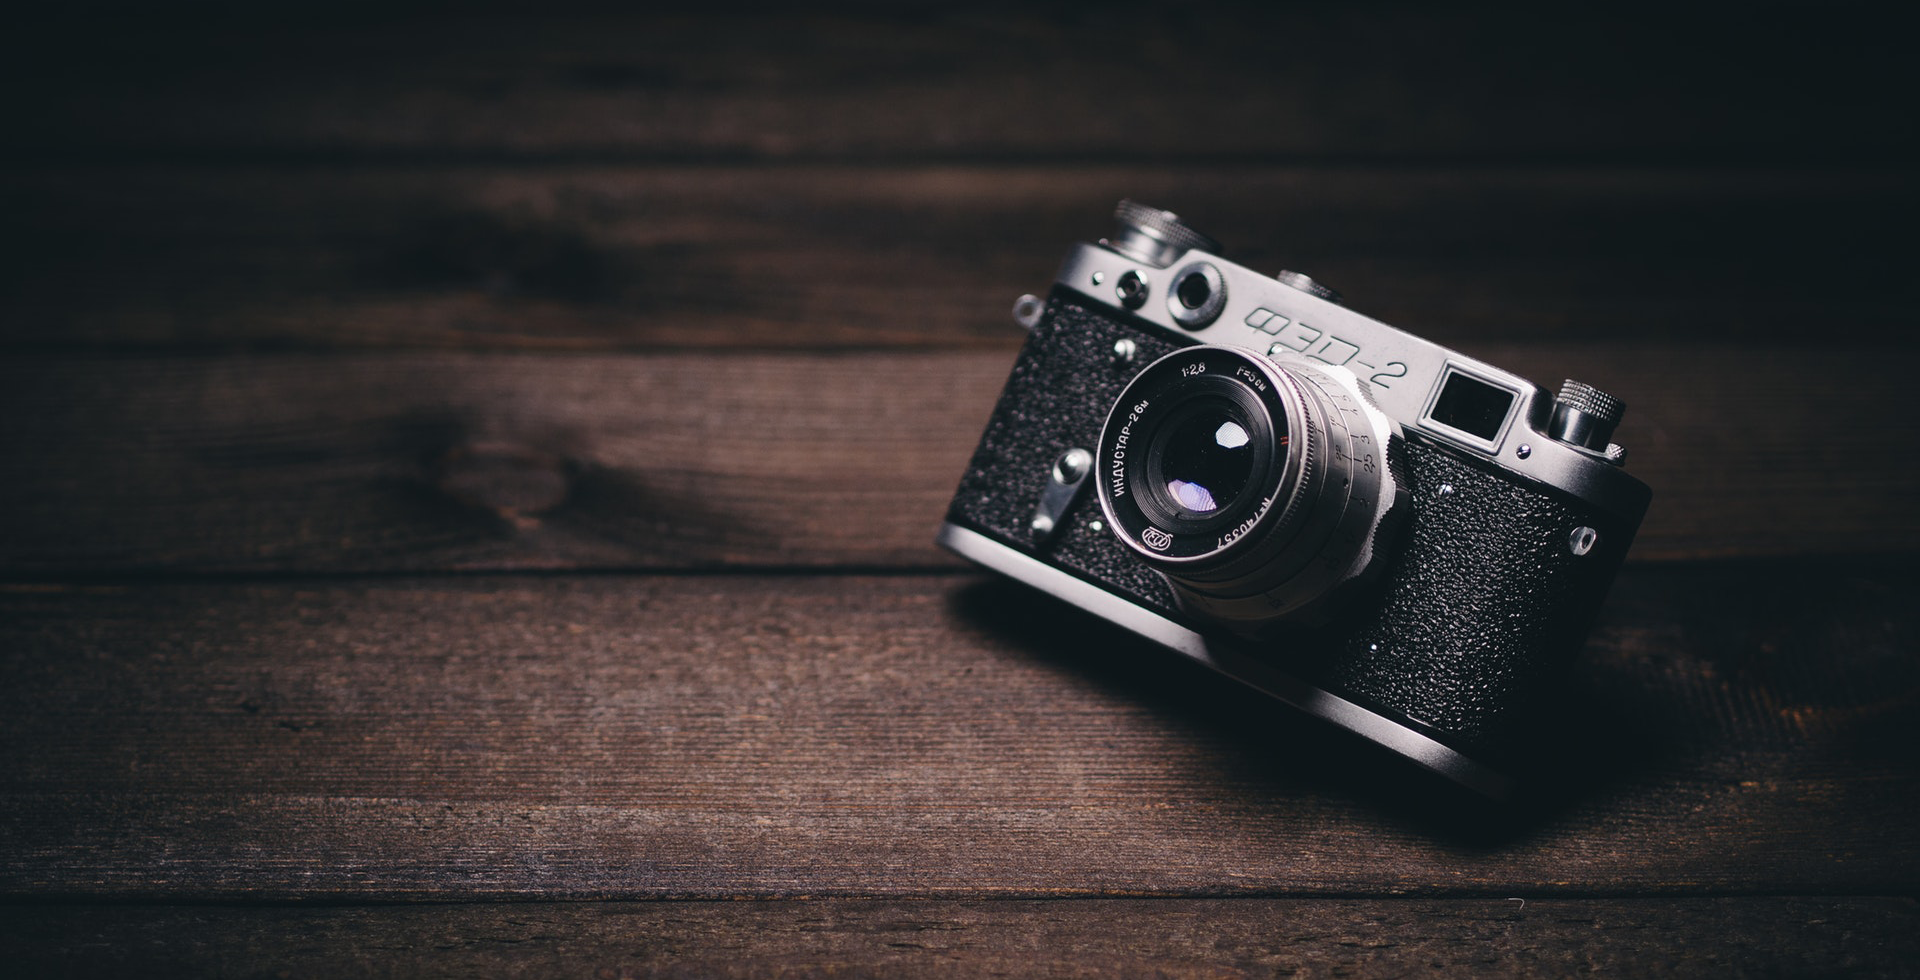 Tipps & Tricks zum Fotografie-Einstieg